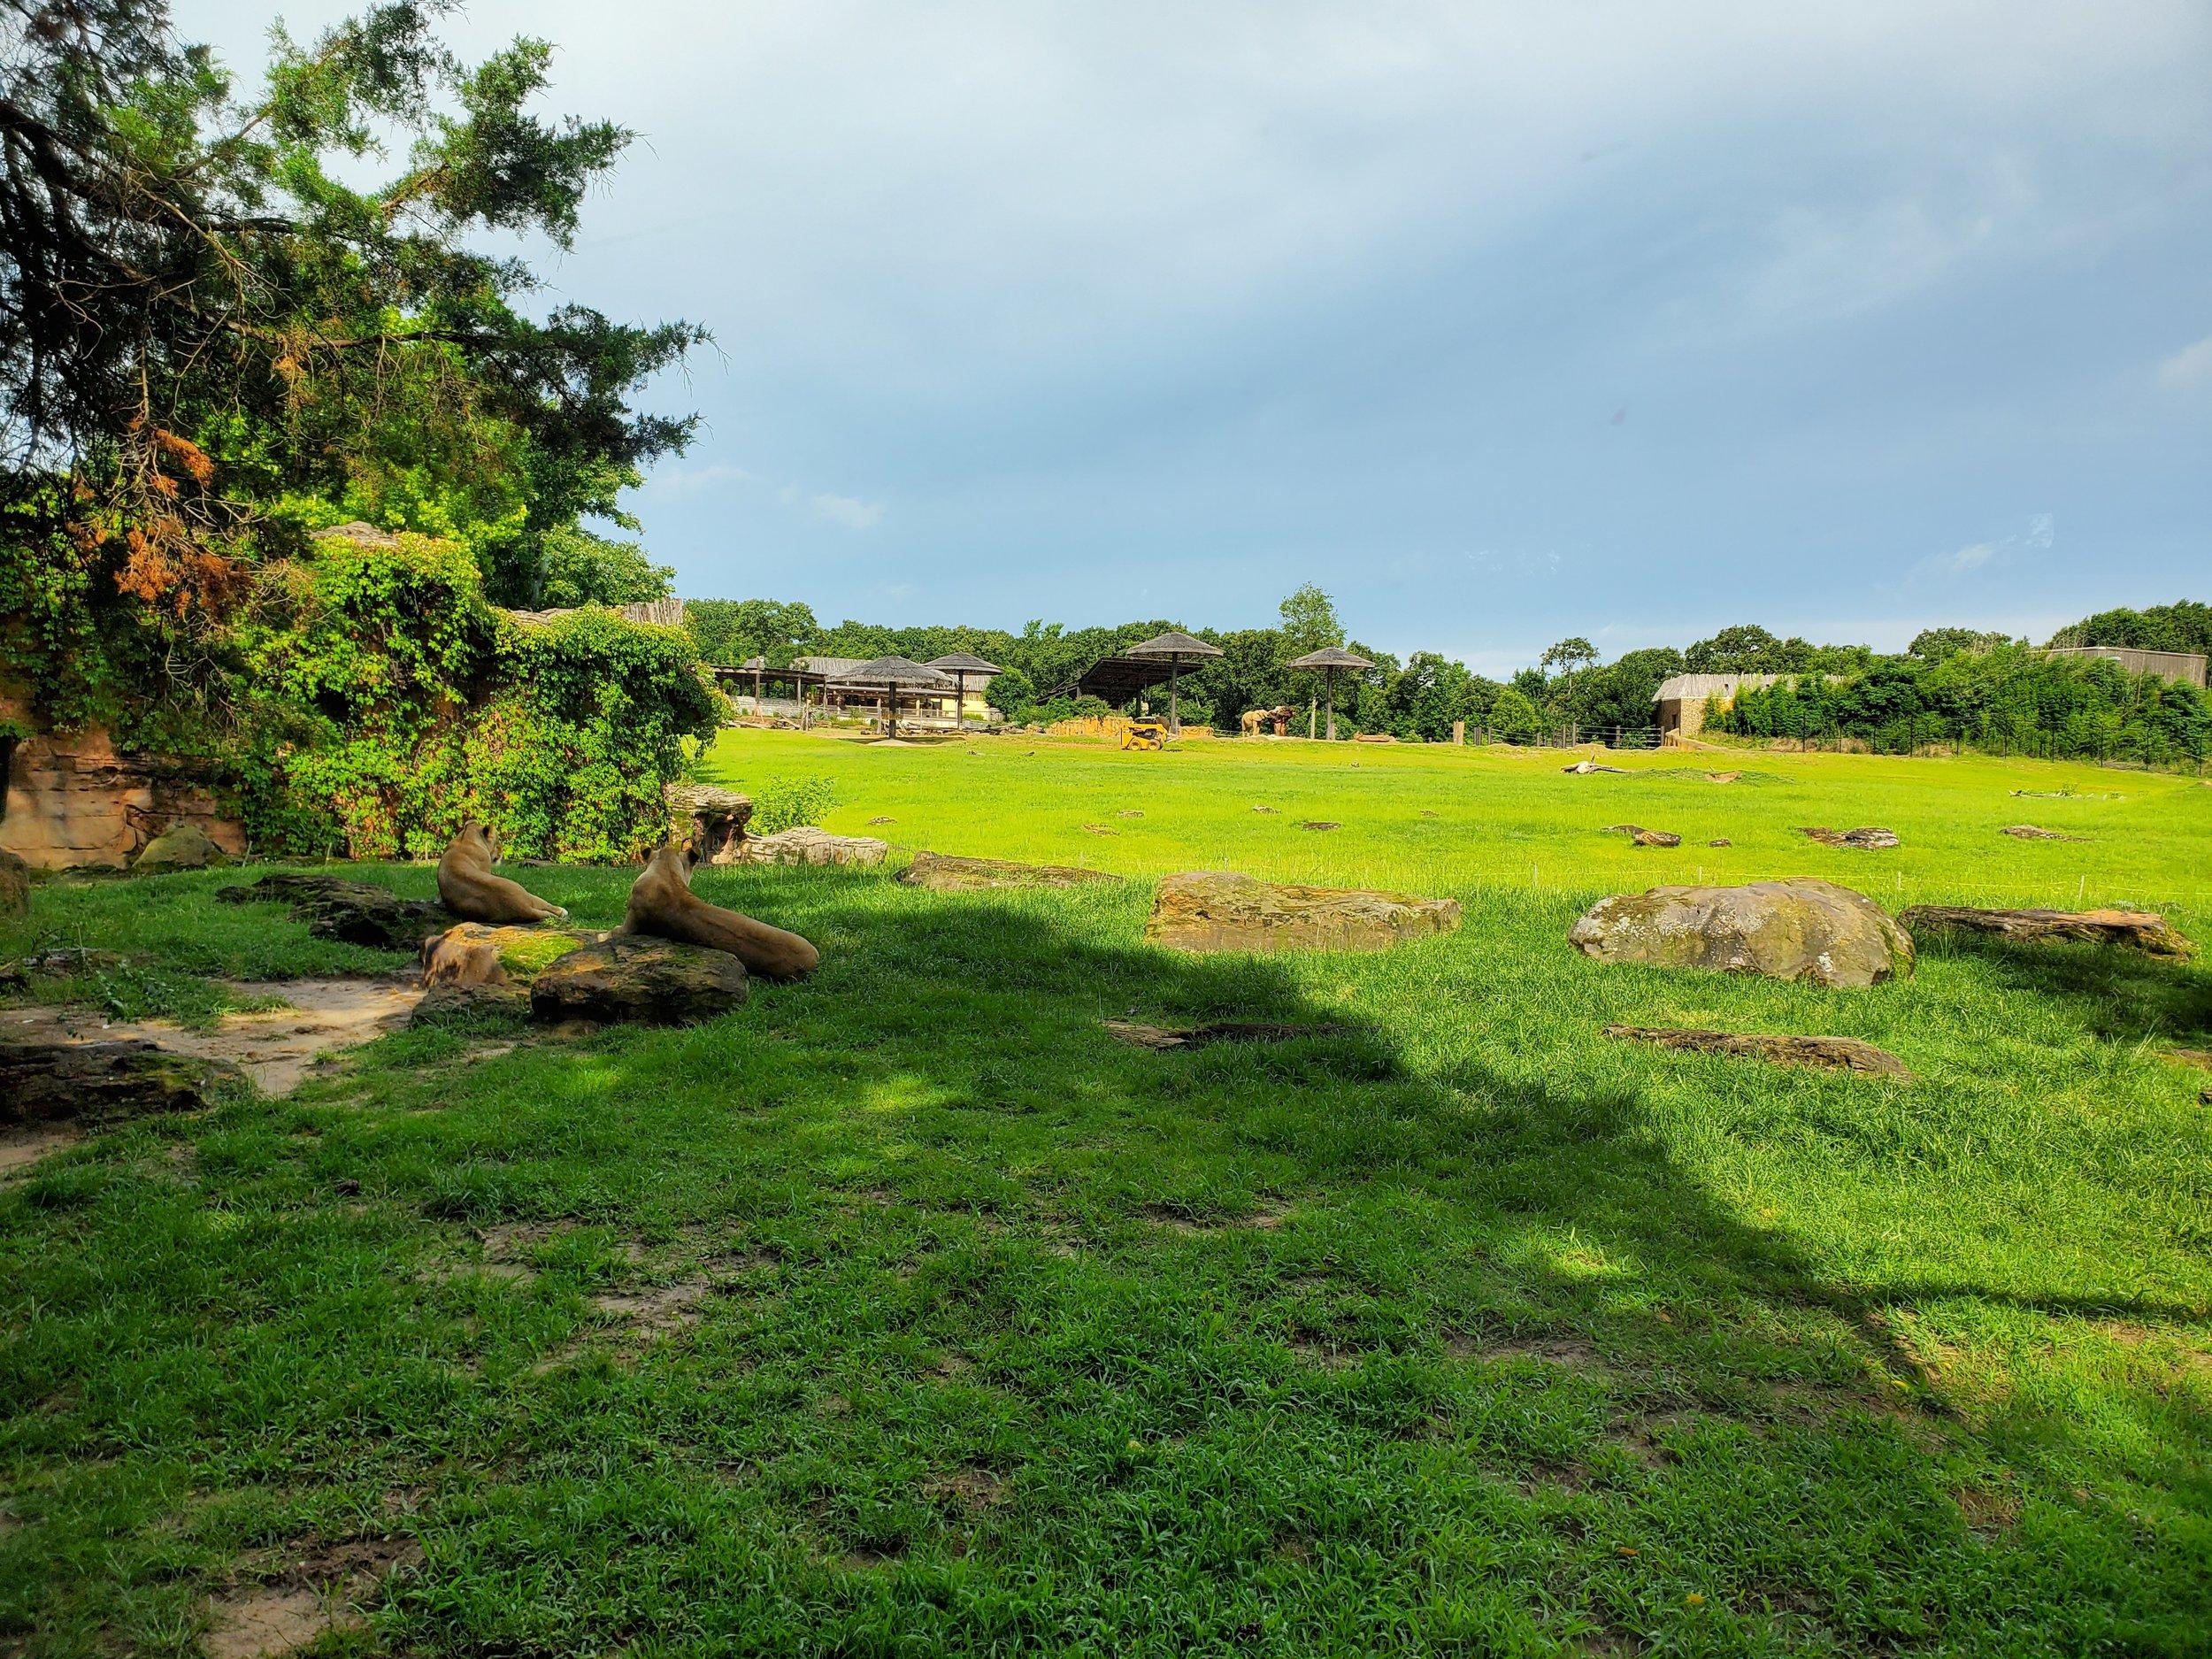 Lions overlooking savanna